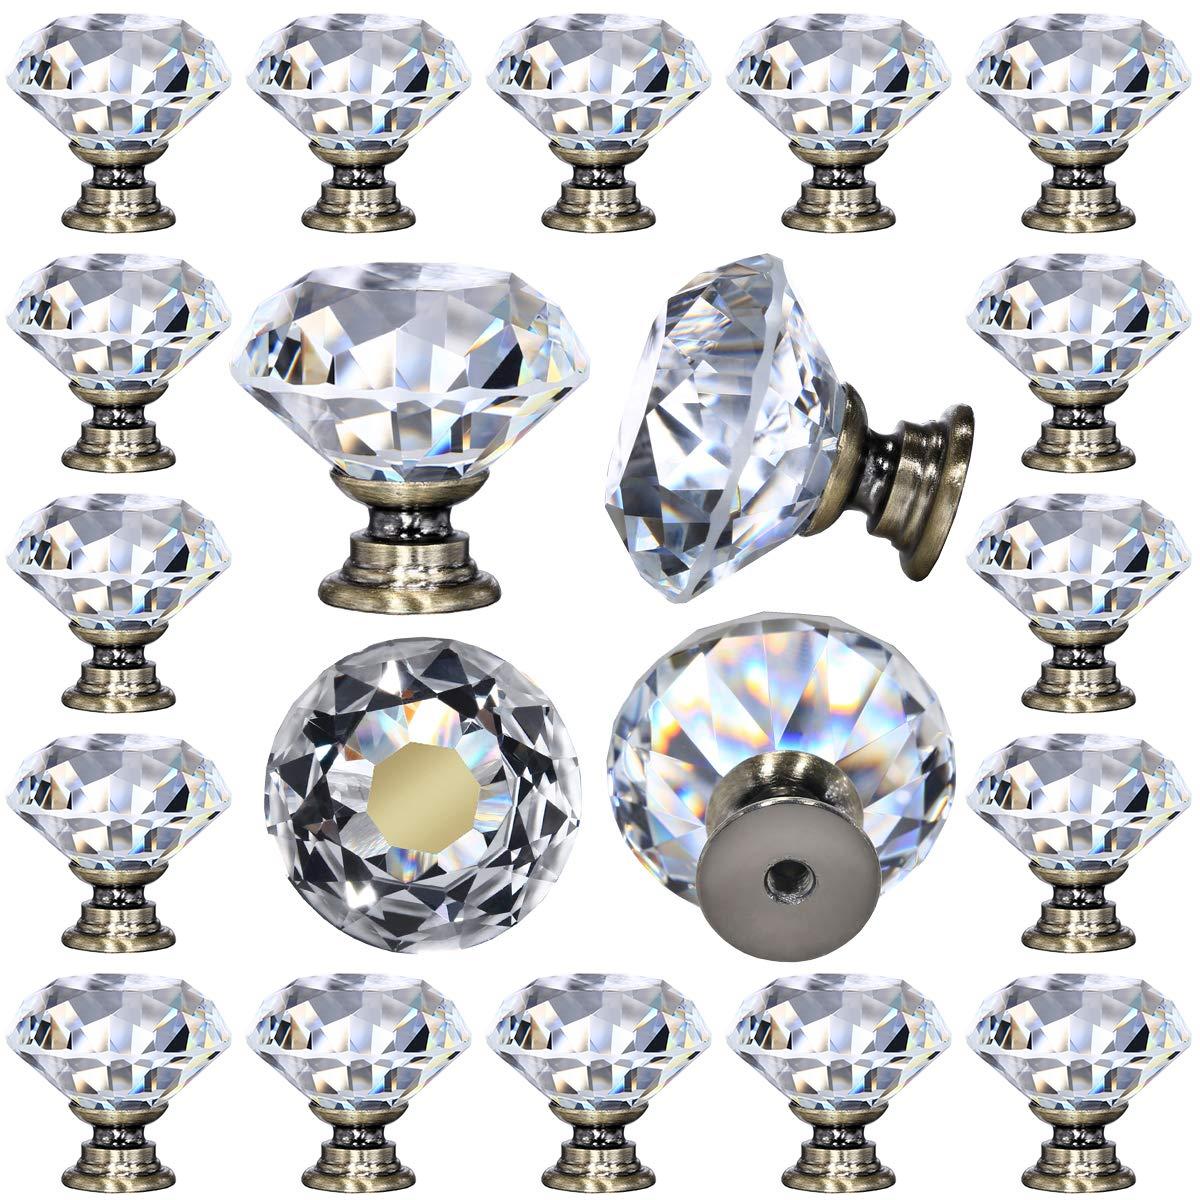 12 Tiradores - Simil Cristal (81RRFZH4)